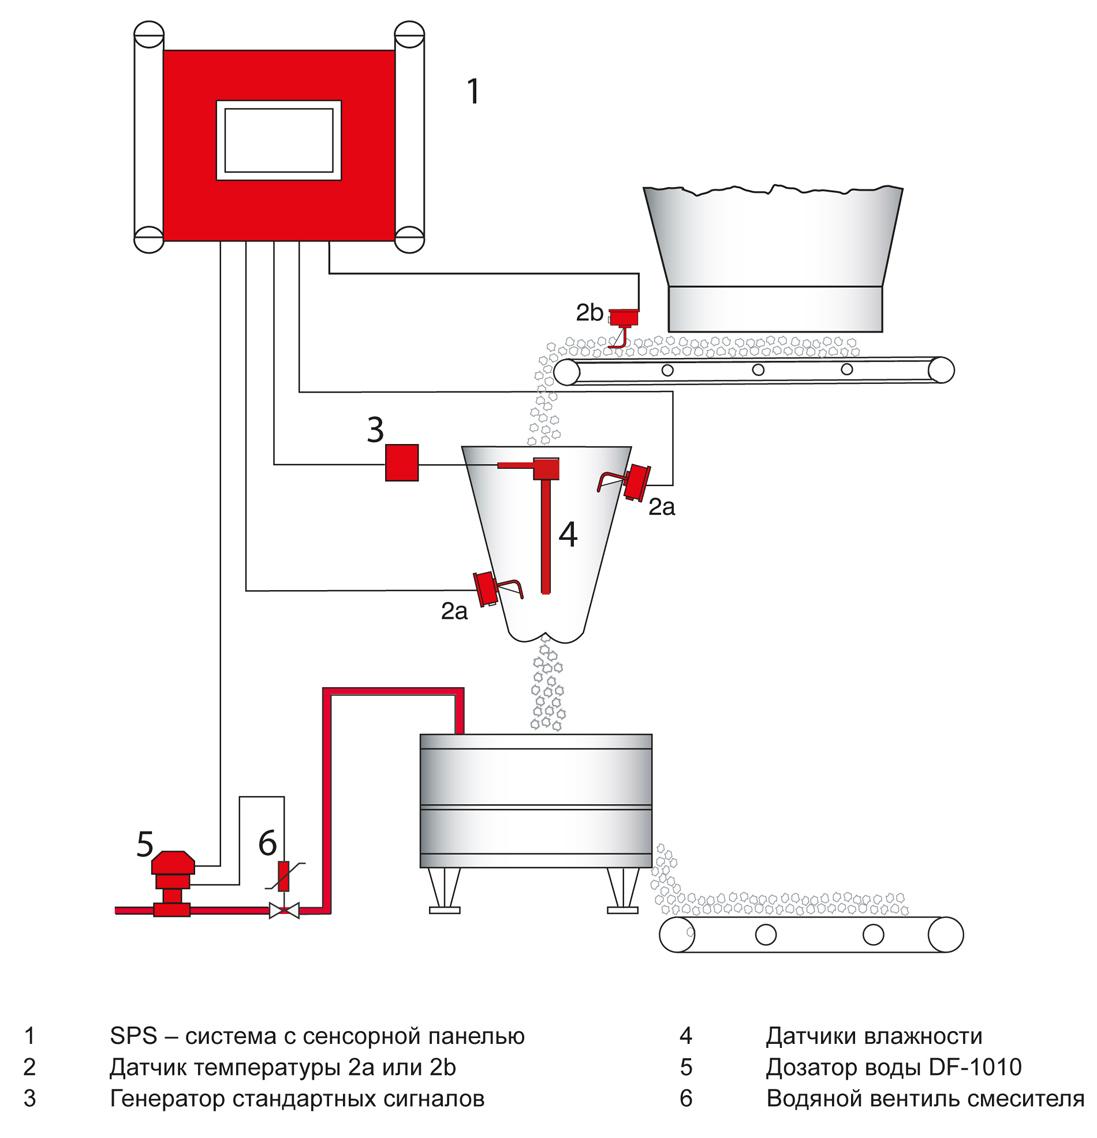 Automatic Moisture Control at the Batch Mixer FRS-M | Пример системы Автоматического Контролирования Влажности в Объёмном Смесителе FRS-M - Automatic Moisture Control at the Batch Mixer FRS-M